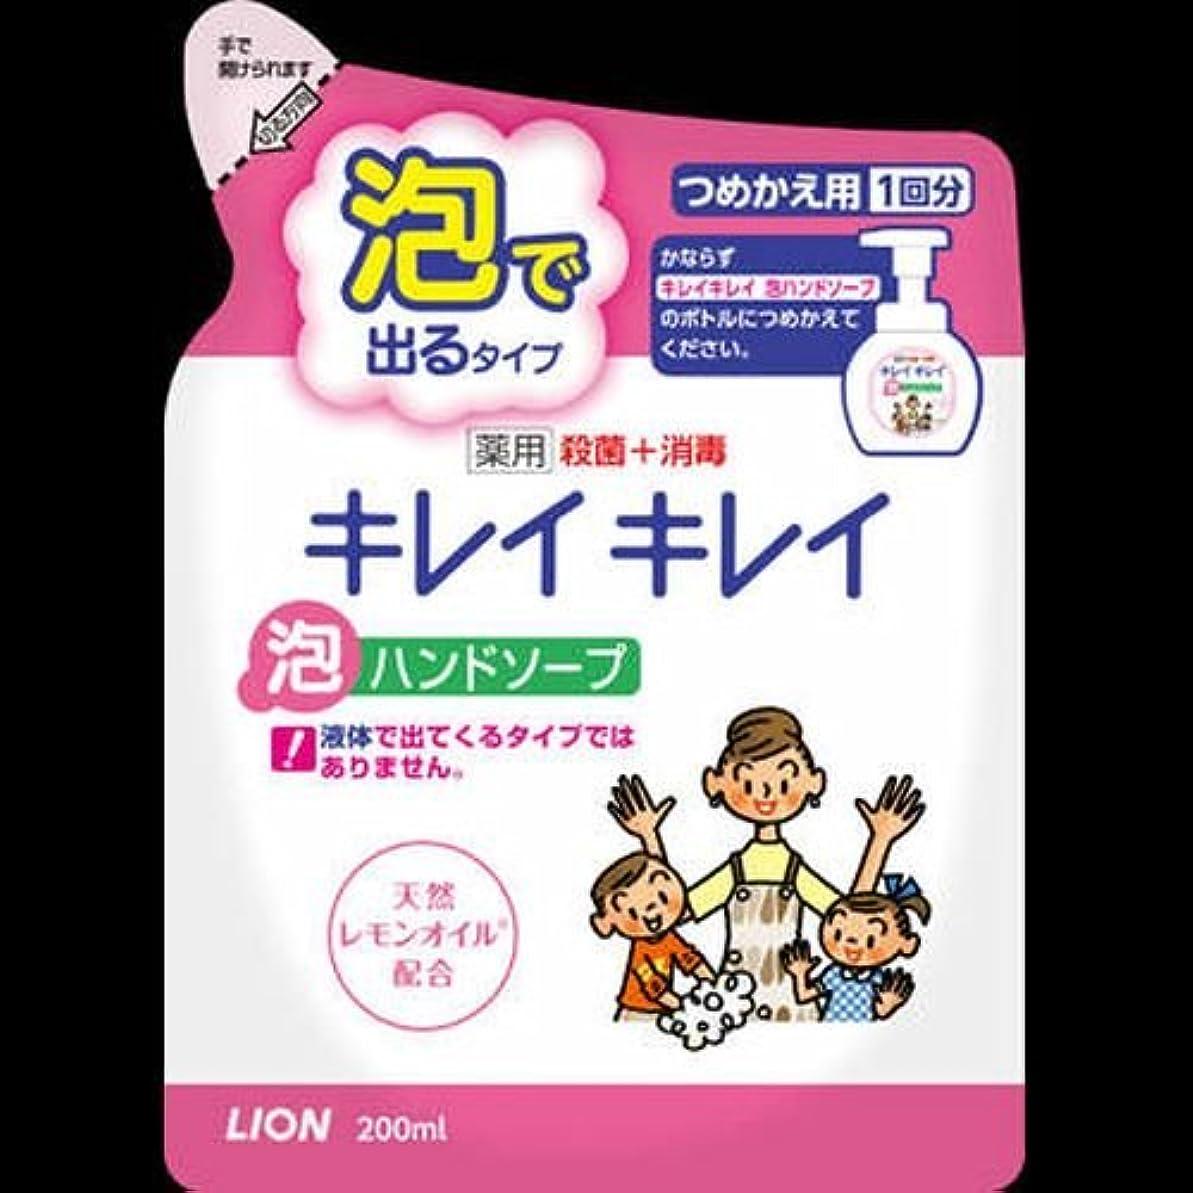 机最も早い気分が良いライオン キレイキレイ 薬用泡ハンドソープ 詰替 200ml ×2セット